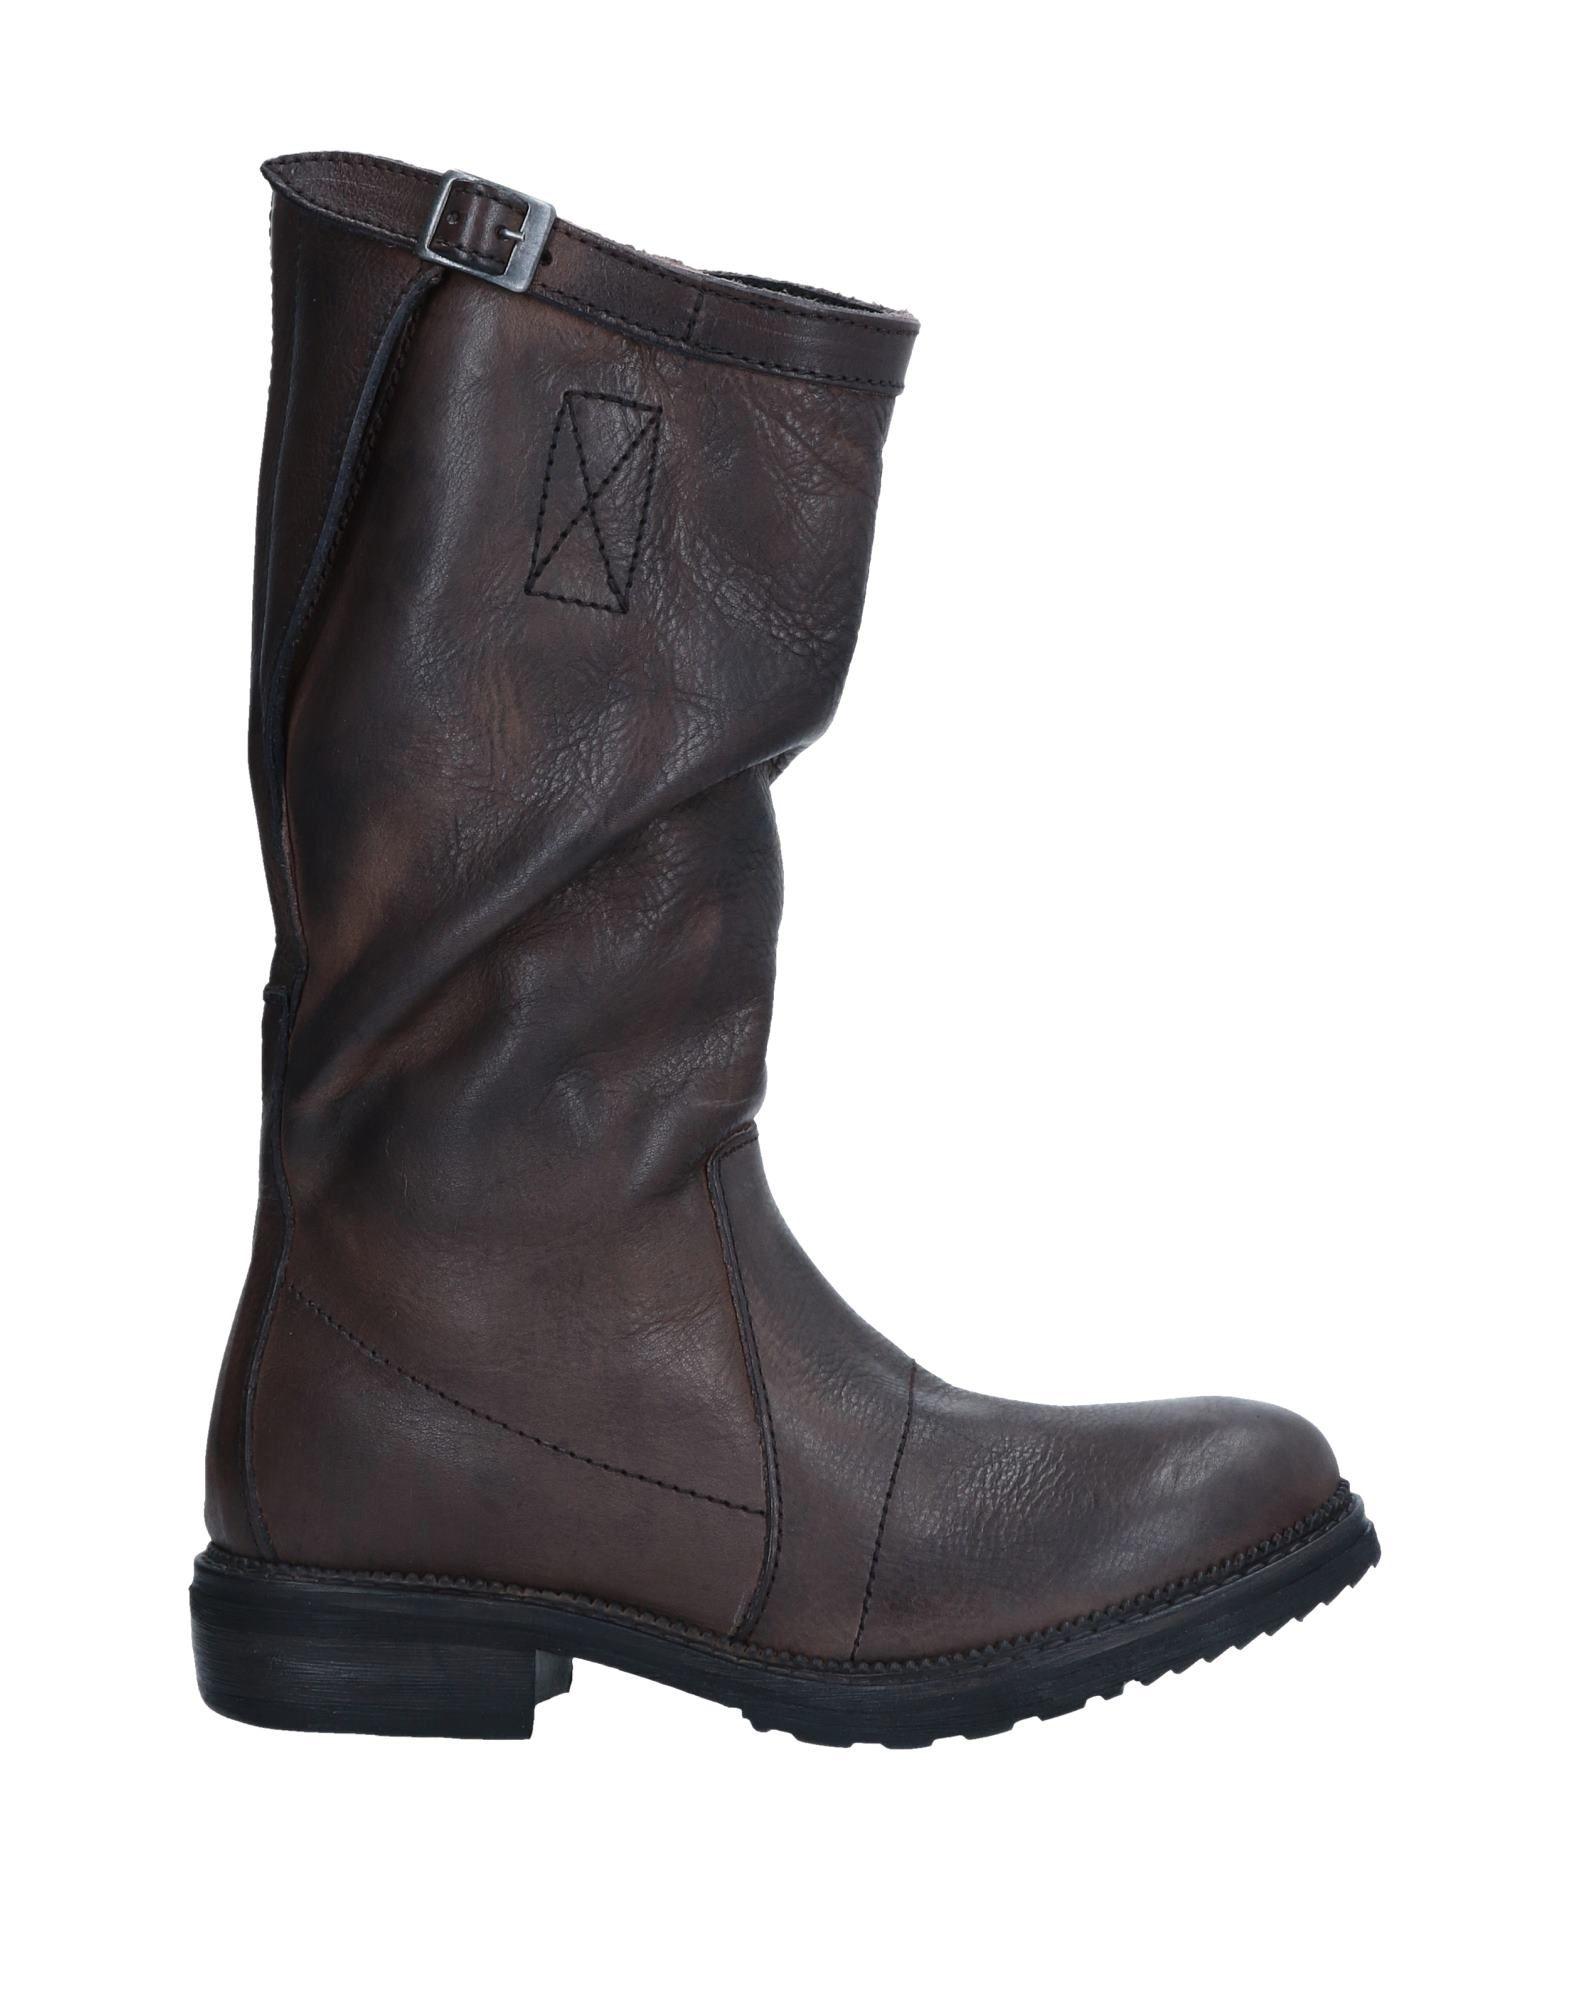 Penelope Stiefel Damen  11548061EF Gute Qualität beliebte Schuhe